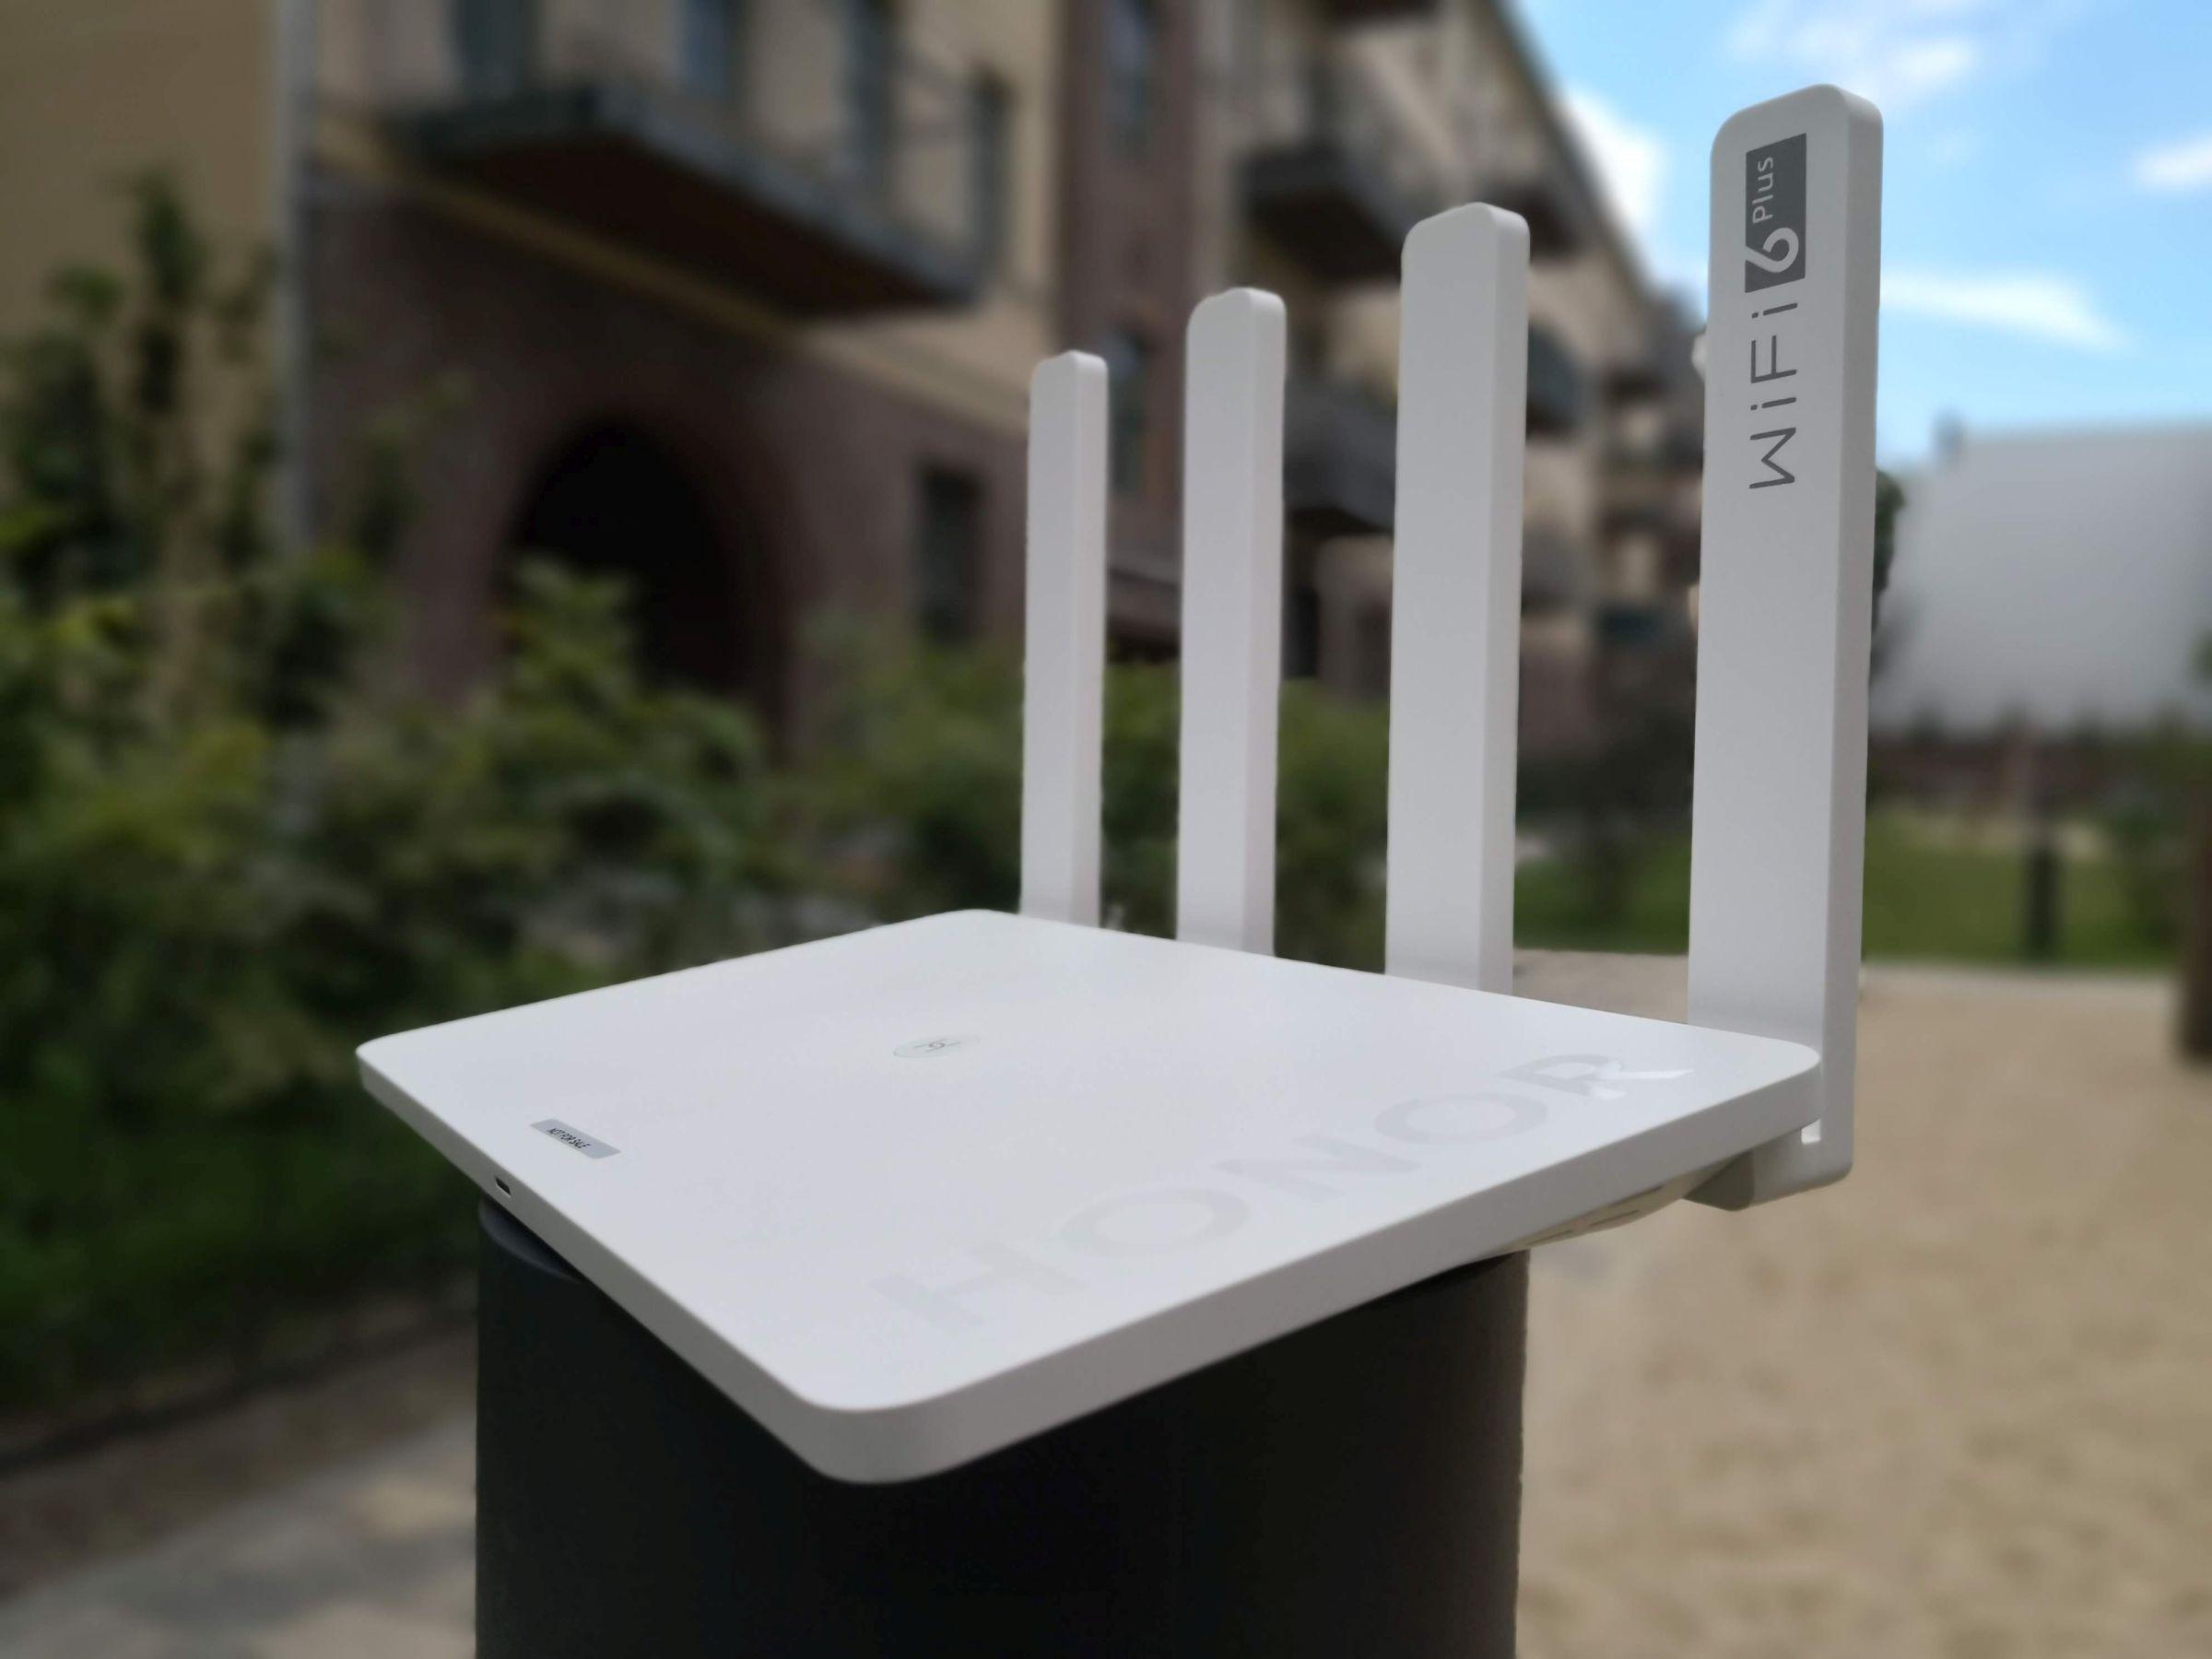 Nderim Router 3 im Test